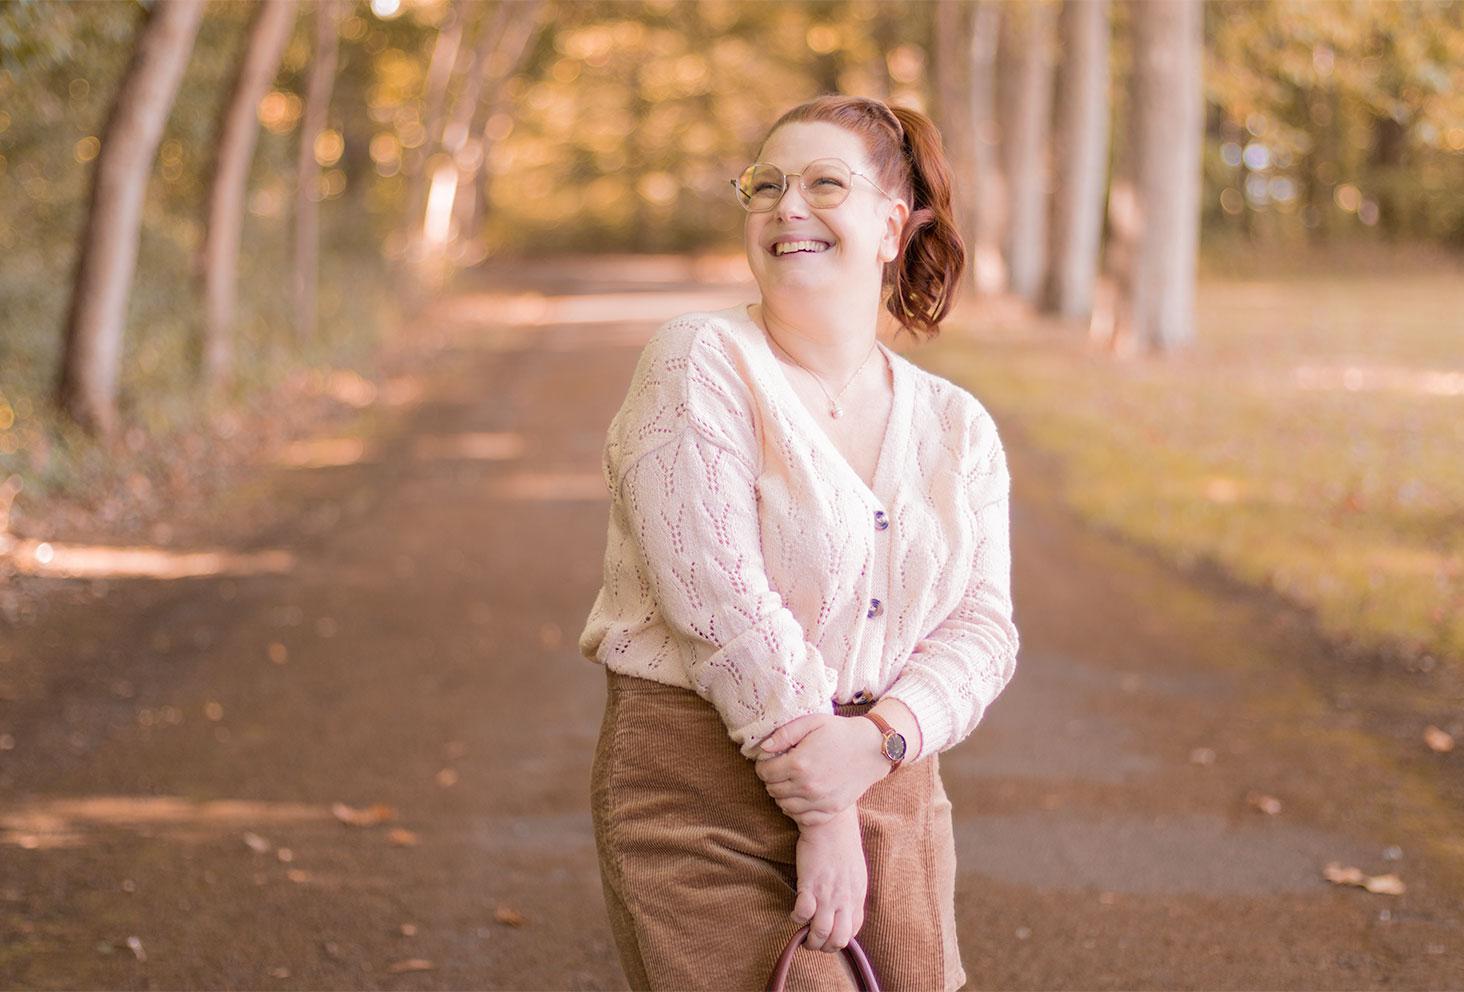 Zoom sur le gilet beige rosé porté, avec le sourire et les cheveux attachés